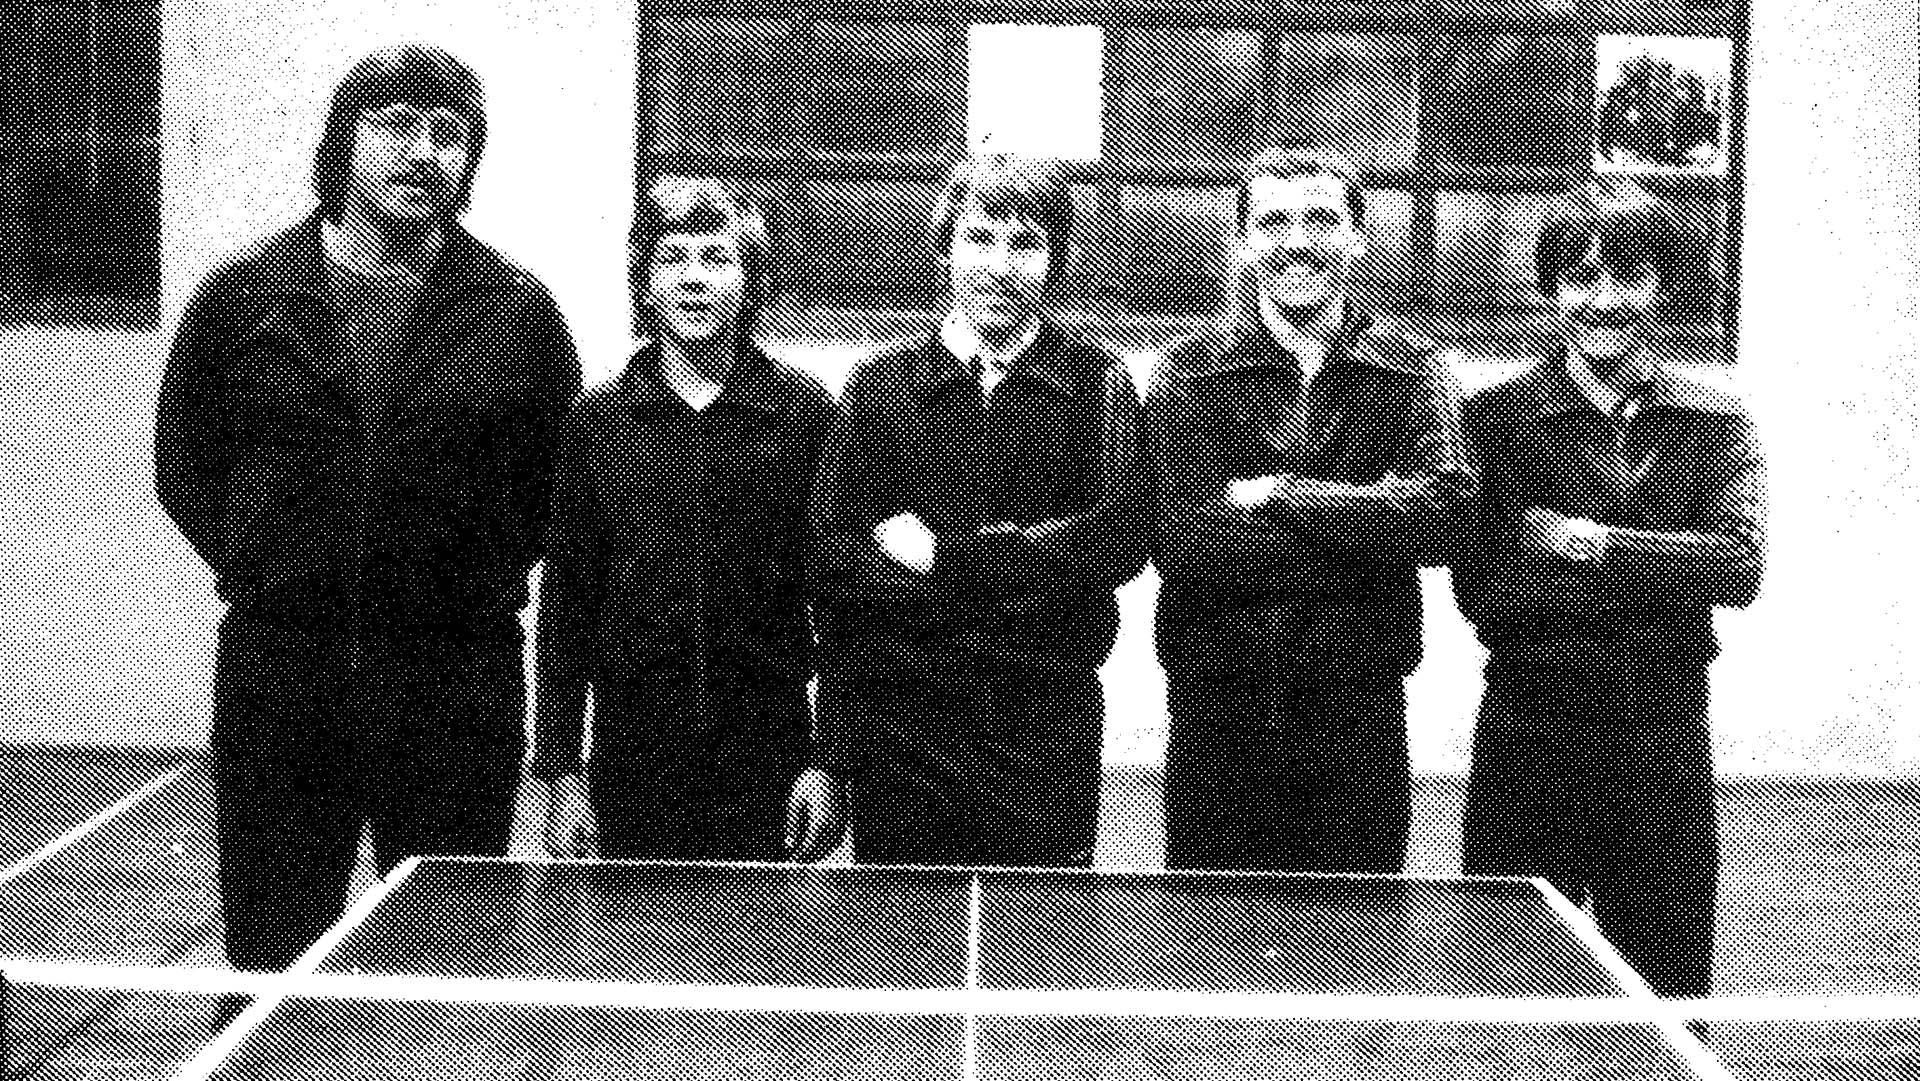 Die Meistermannschaft der Gruppenliga-Jugend 1981/82, v. I. Jugendtrainer Wilfried Nieswandt, Michael Lorenz, Heiko Treiber, Rainer Wagner und Michael Weick.